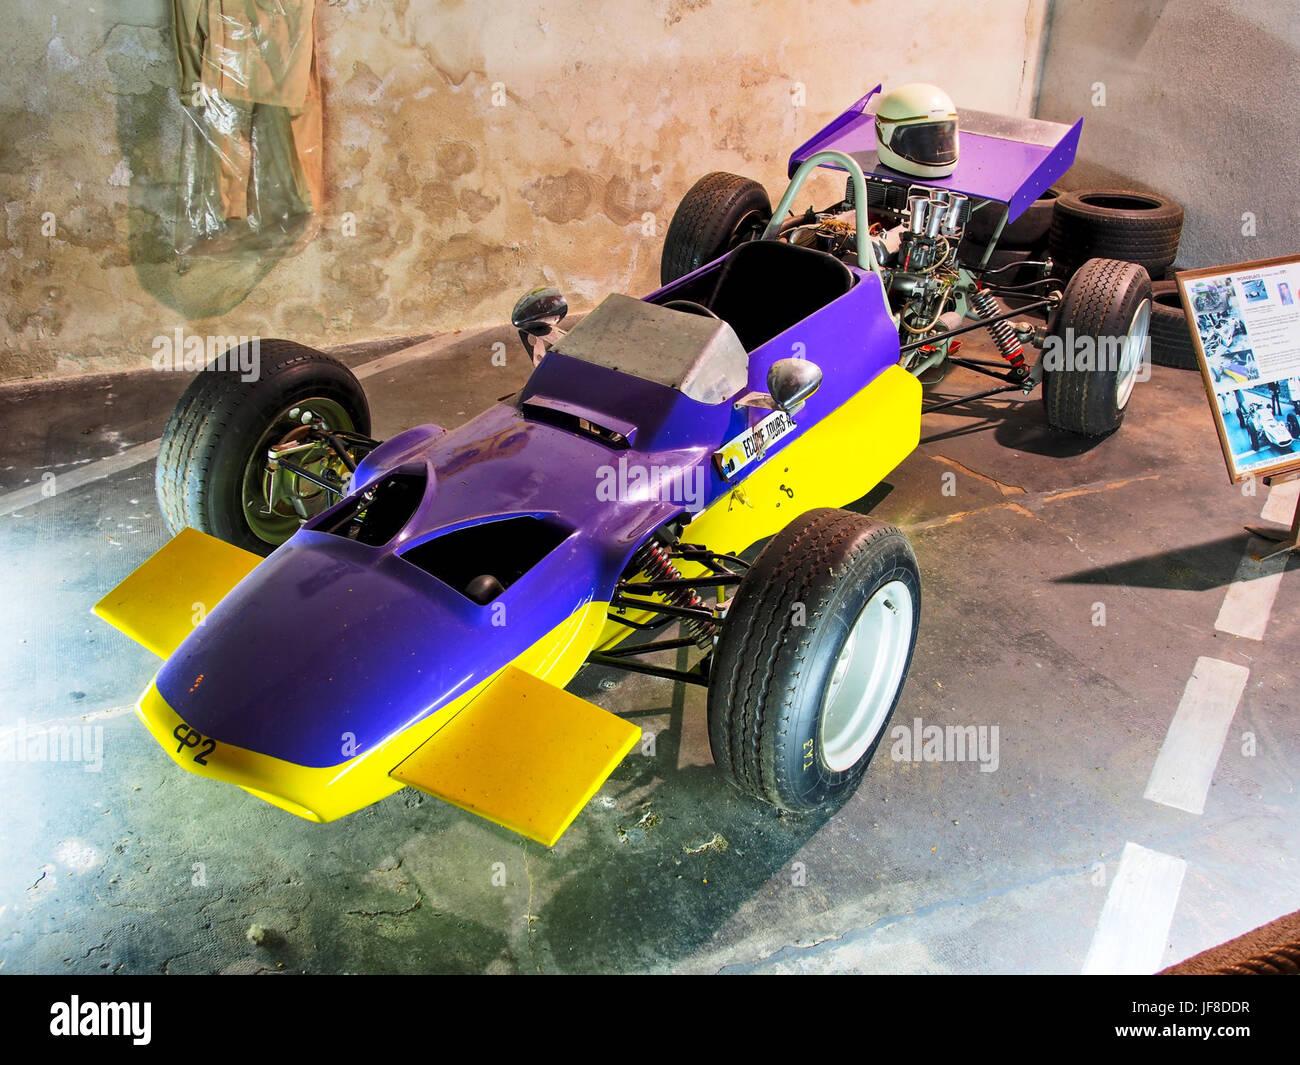 1970 monoplace Formule libre CP2, PEAN Christian, 1500cc FIAT OSCA 100cv, Musée Maurice Dufresne photo 1 - Stock Image